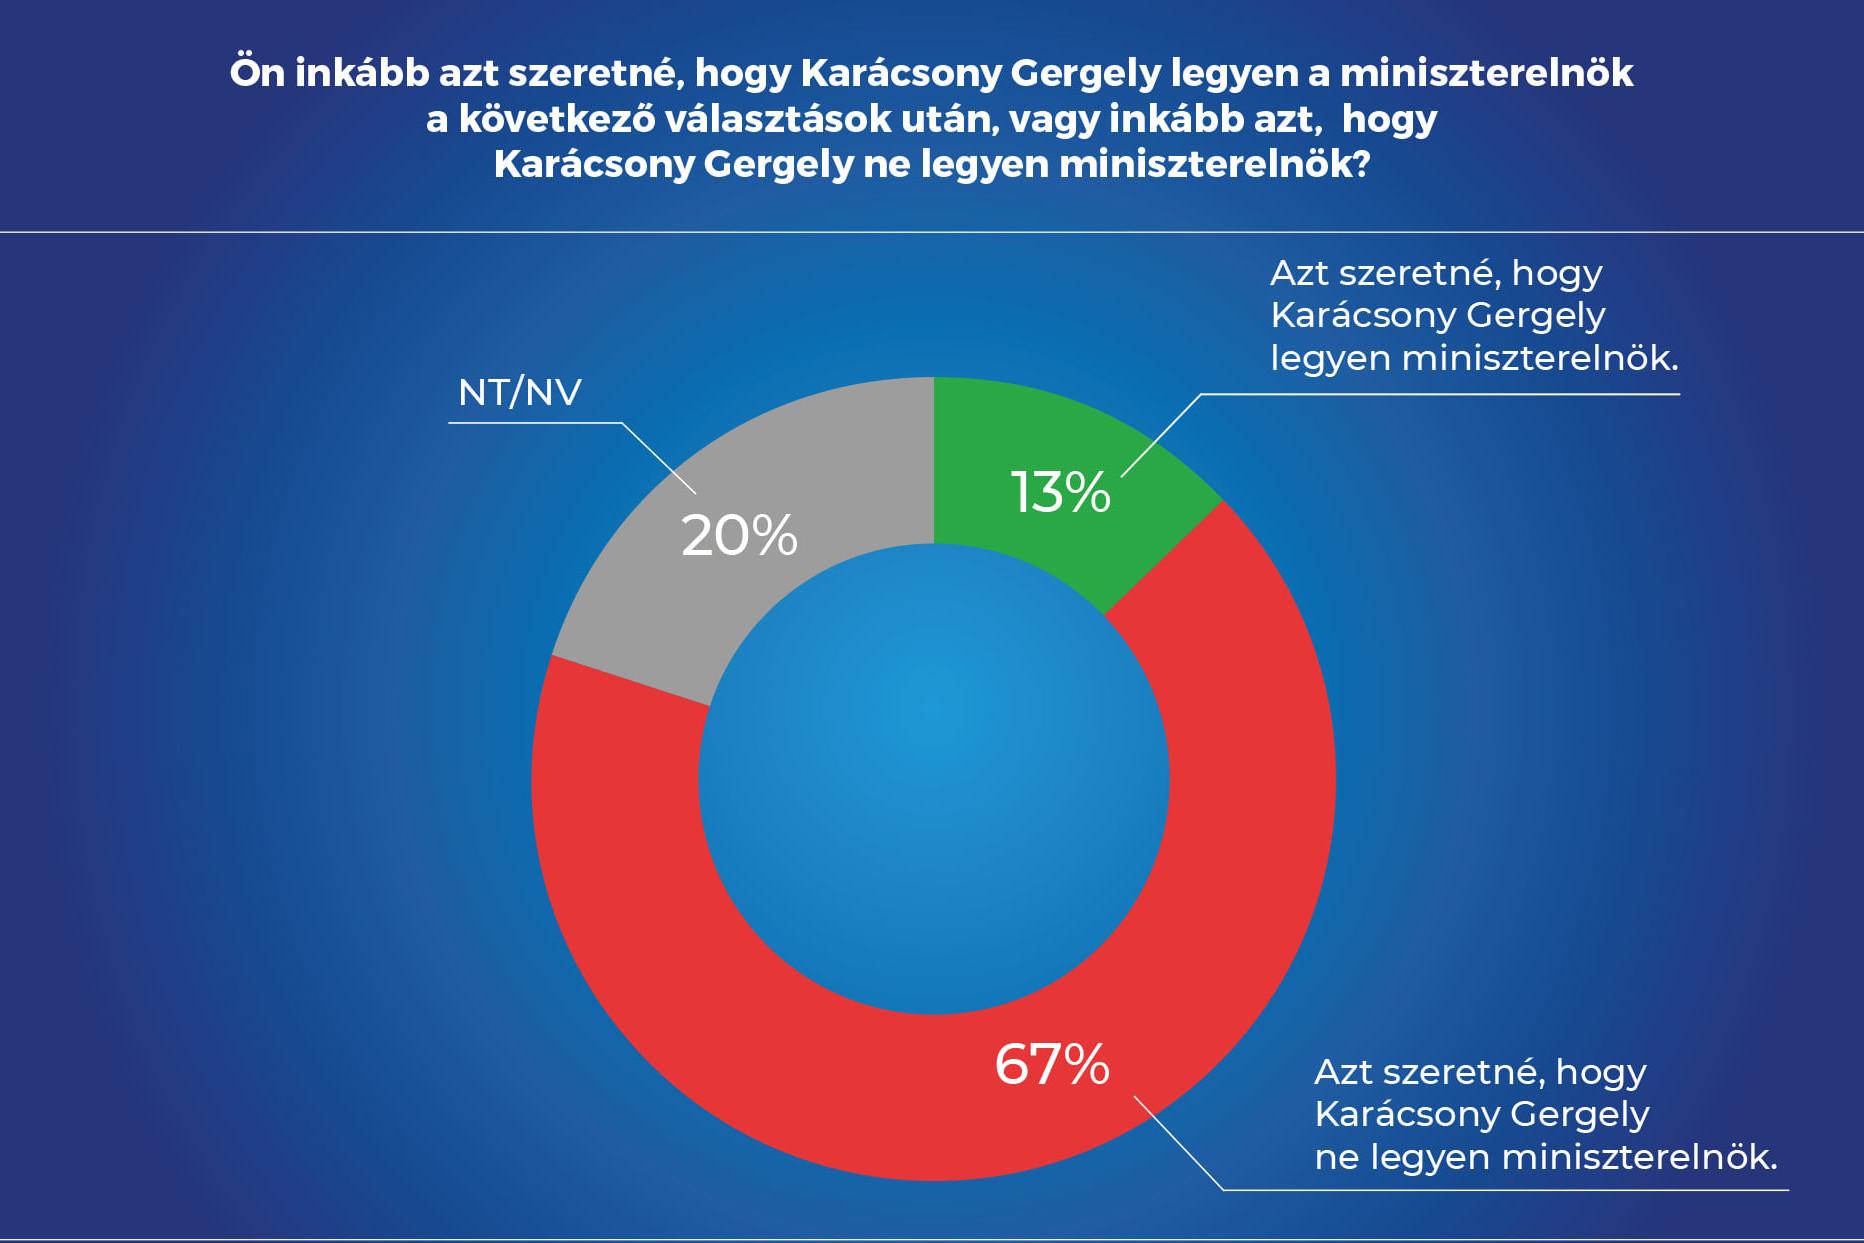 A magyar felnőtt társadalom 42 százaléka szerint a baloldali előválasztás végeredményét már előre ki lehetne hirdetni